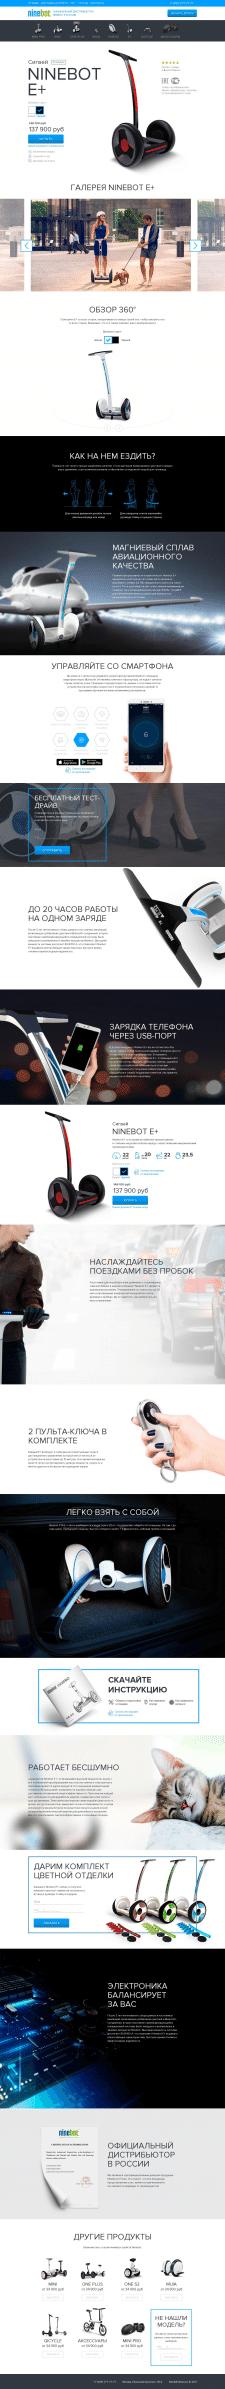 Ninebot E+